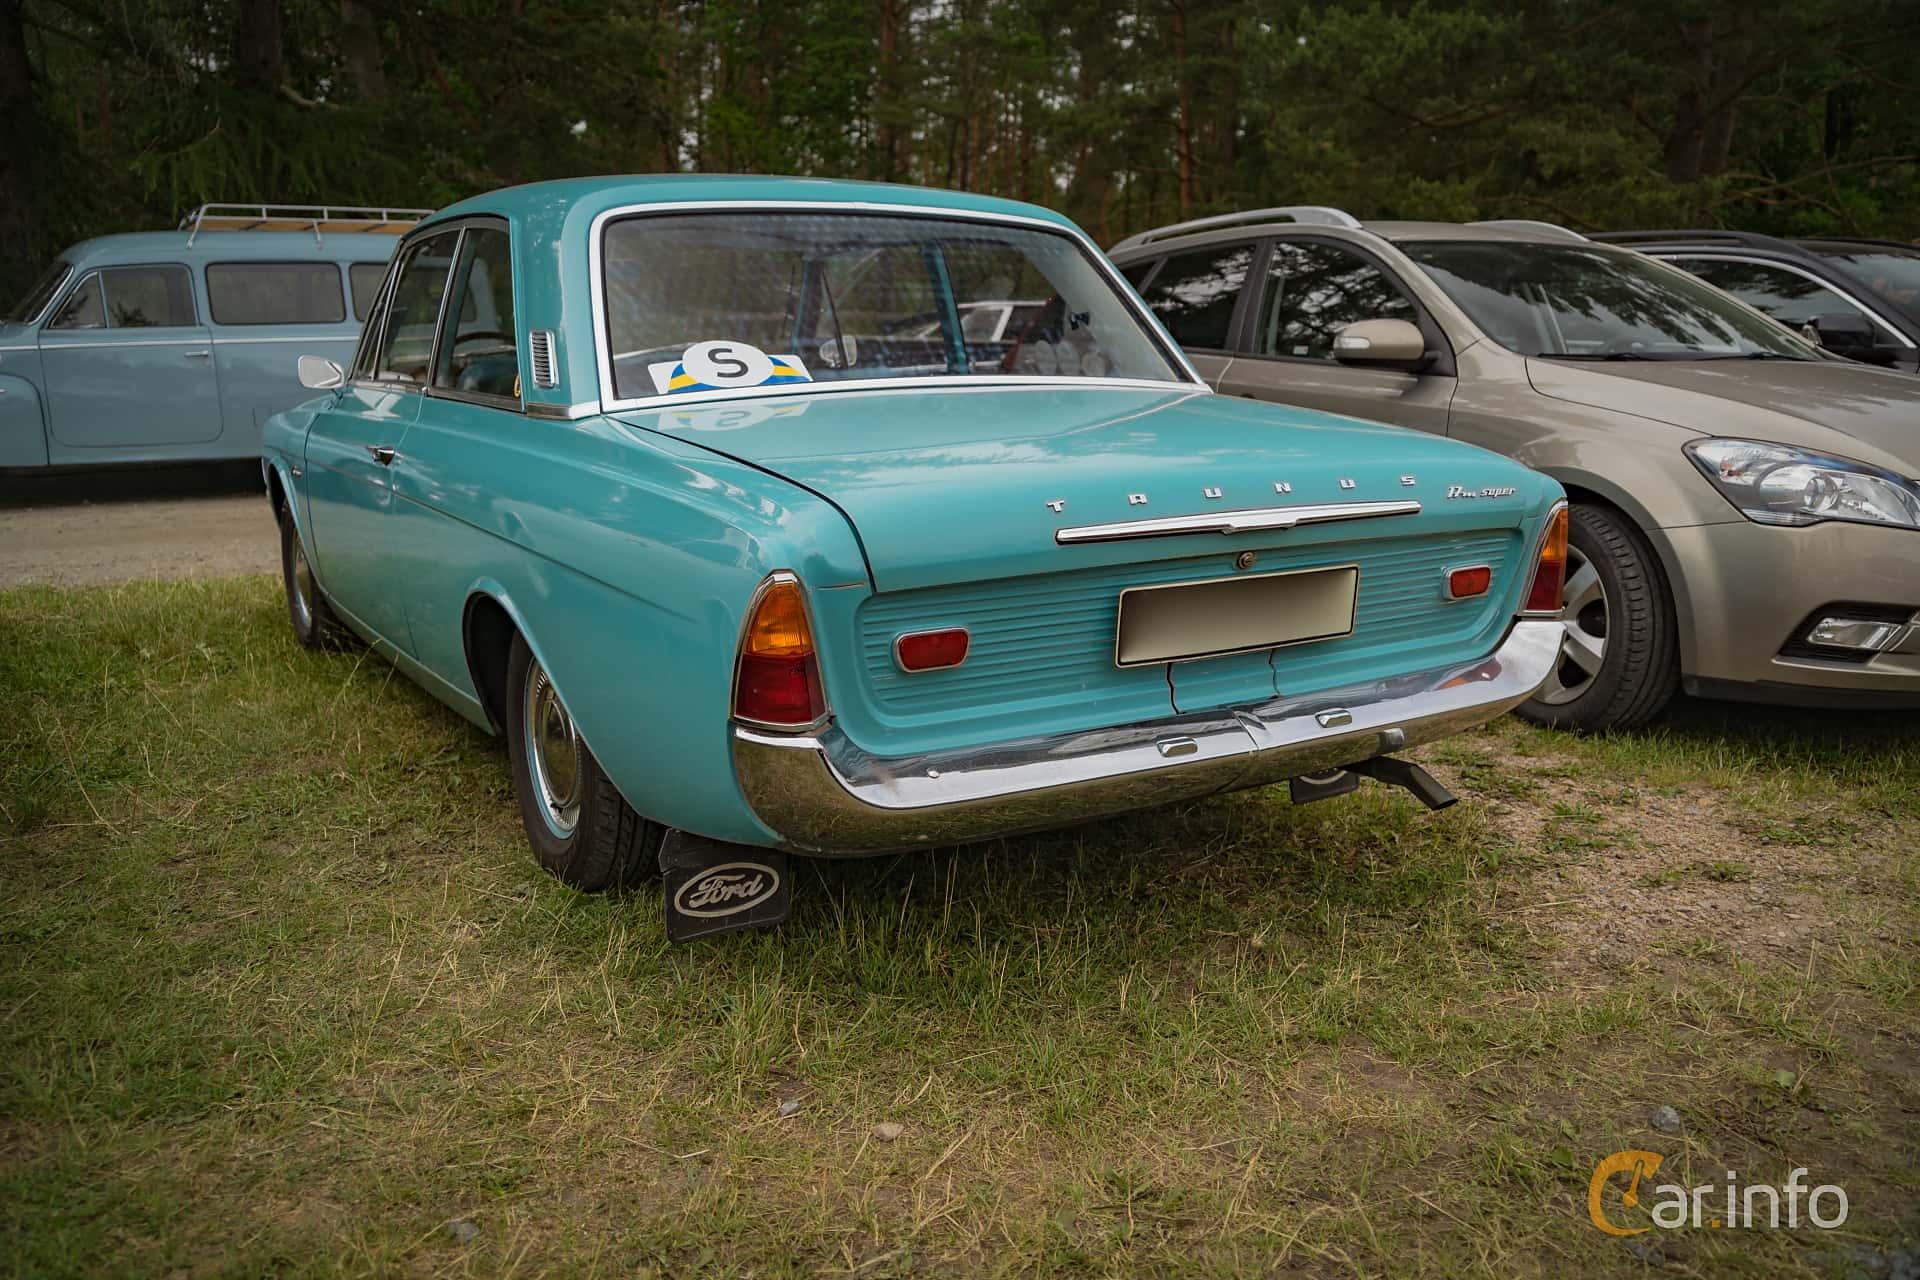 Ford Taunus 2-door Limousine 1.7 Manual, 71hp, 1965 at Ljuva 50-tal (2016 Version)